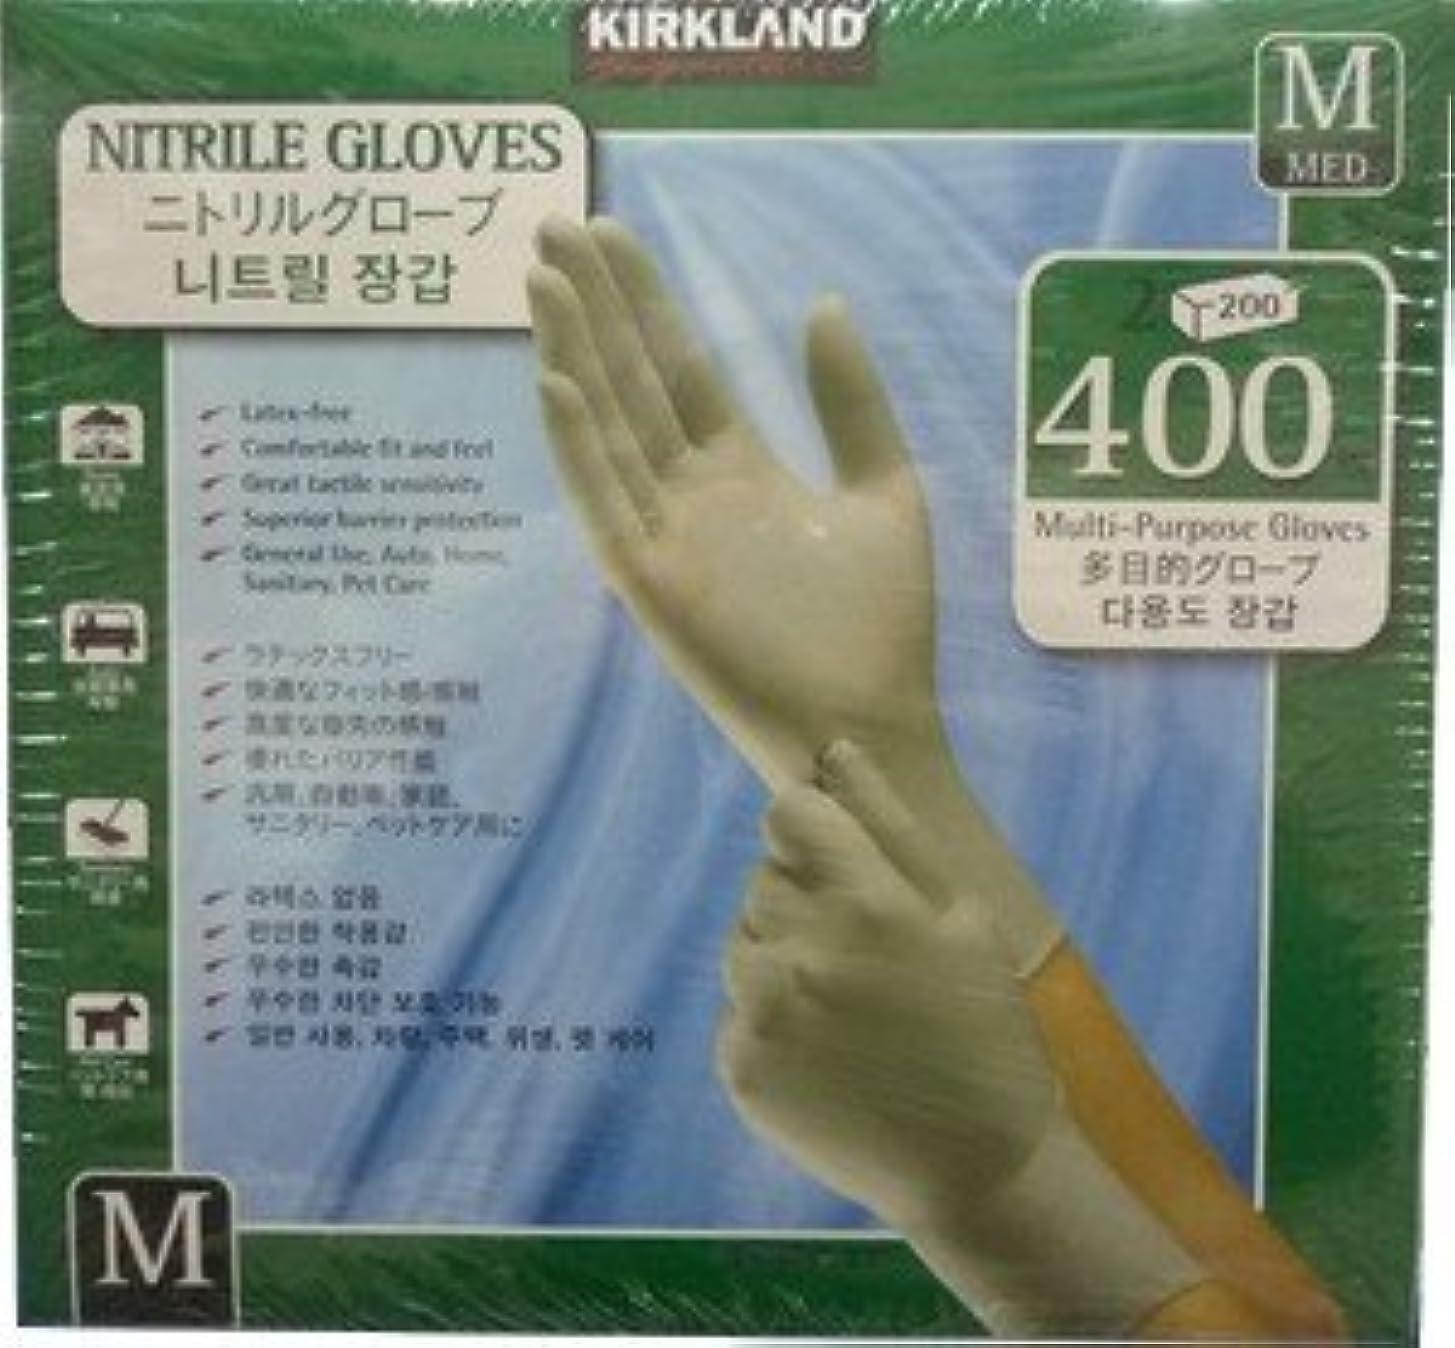 ラウンジ昆虫熟考するKIRKLAND カークランド ニトリルグローブ 手袋 Mサイズ 200枚×2箱